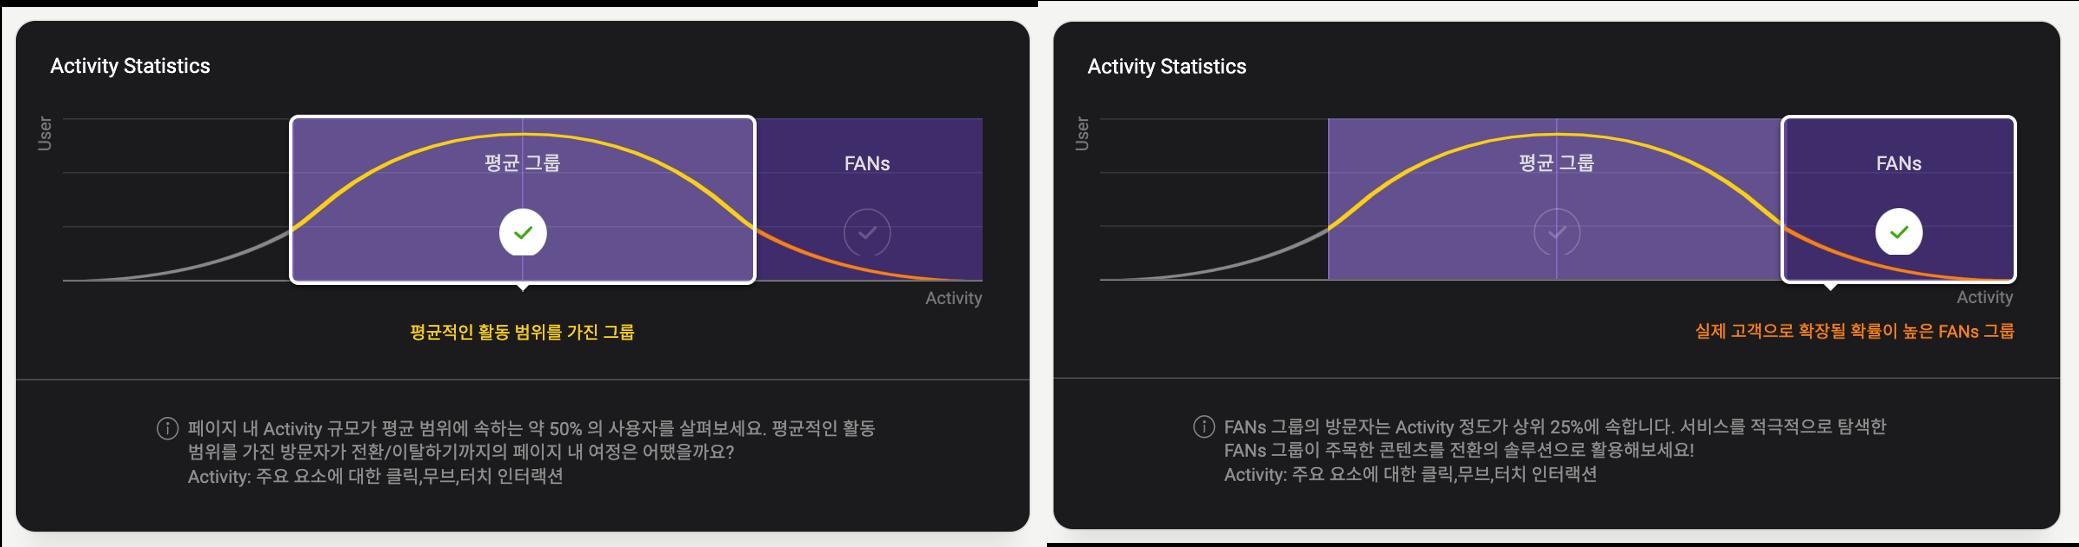 path-plot의 평균 그룹과 fans 그룹 세그먼트를 보여주는 사진입니다.